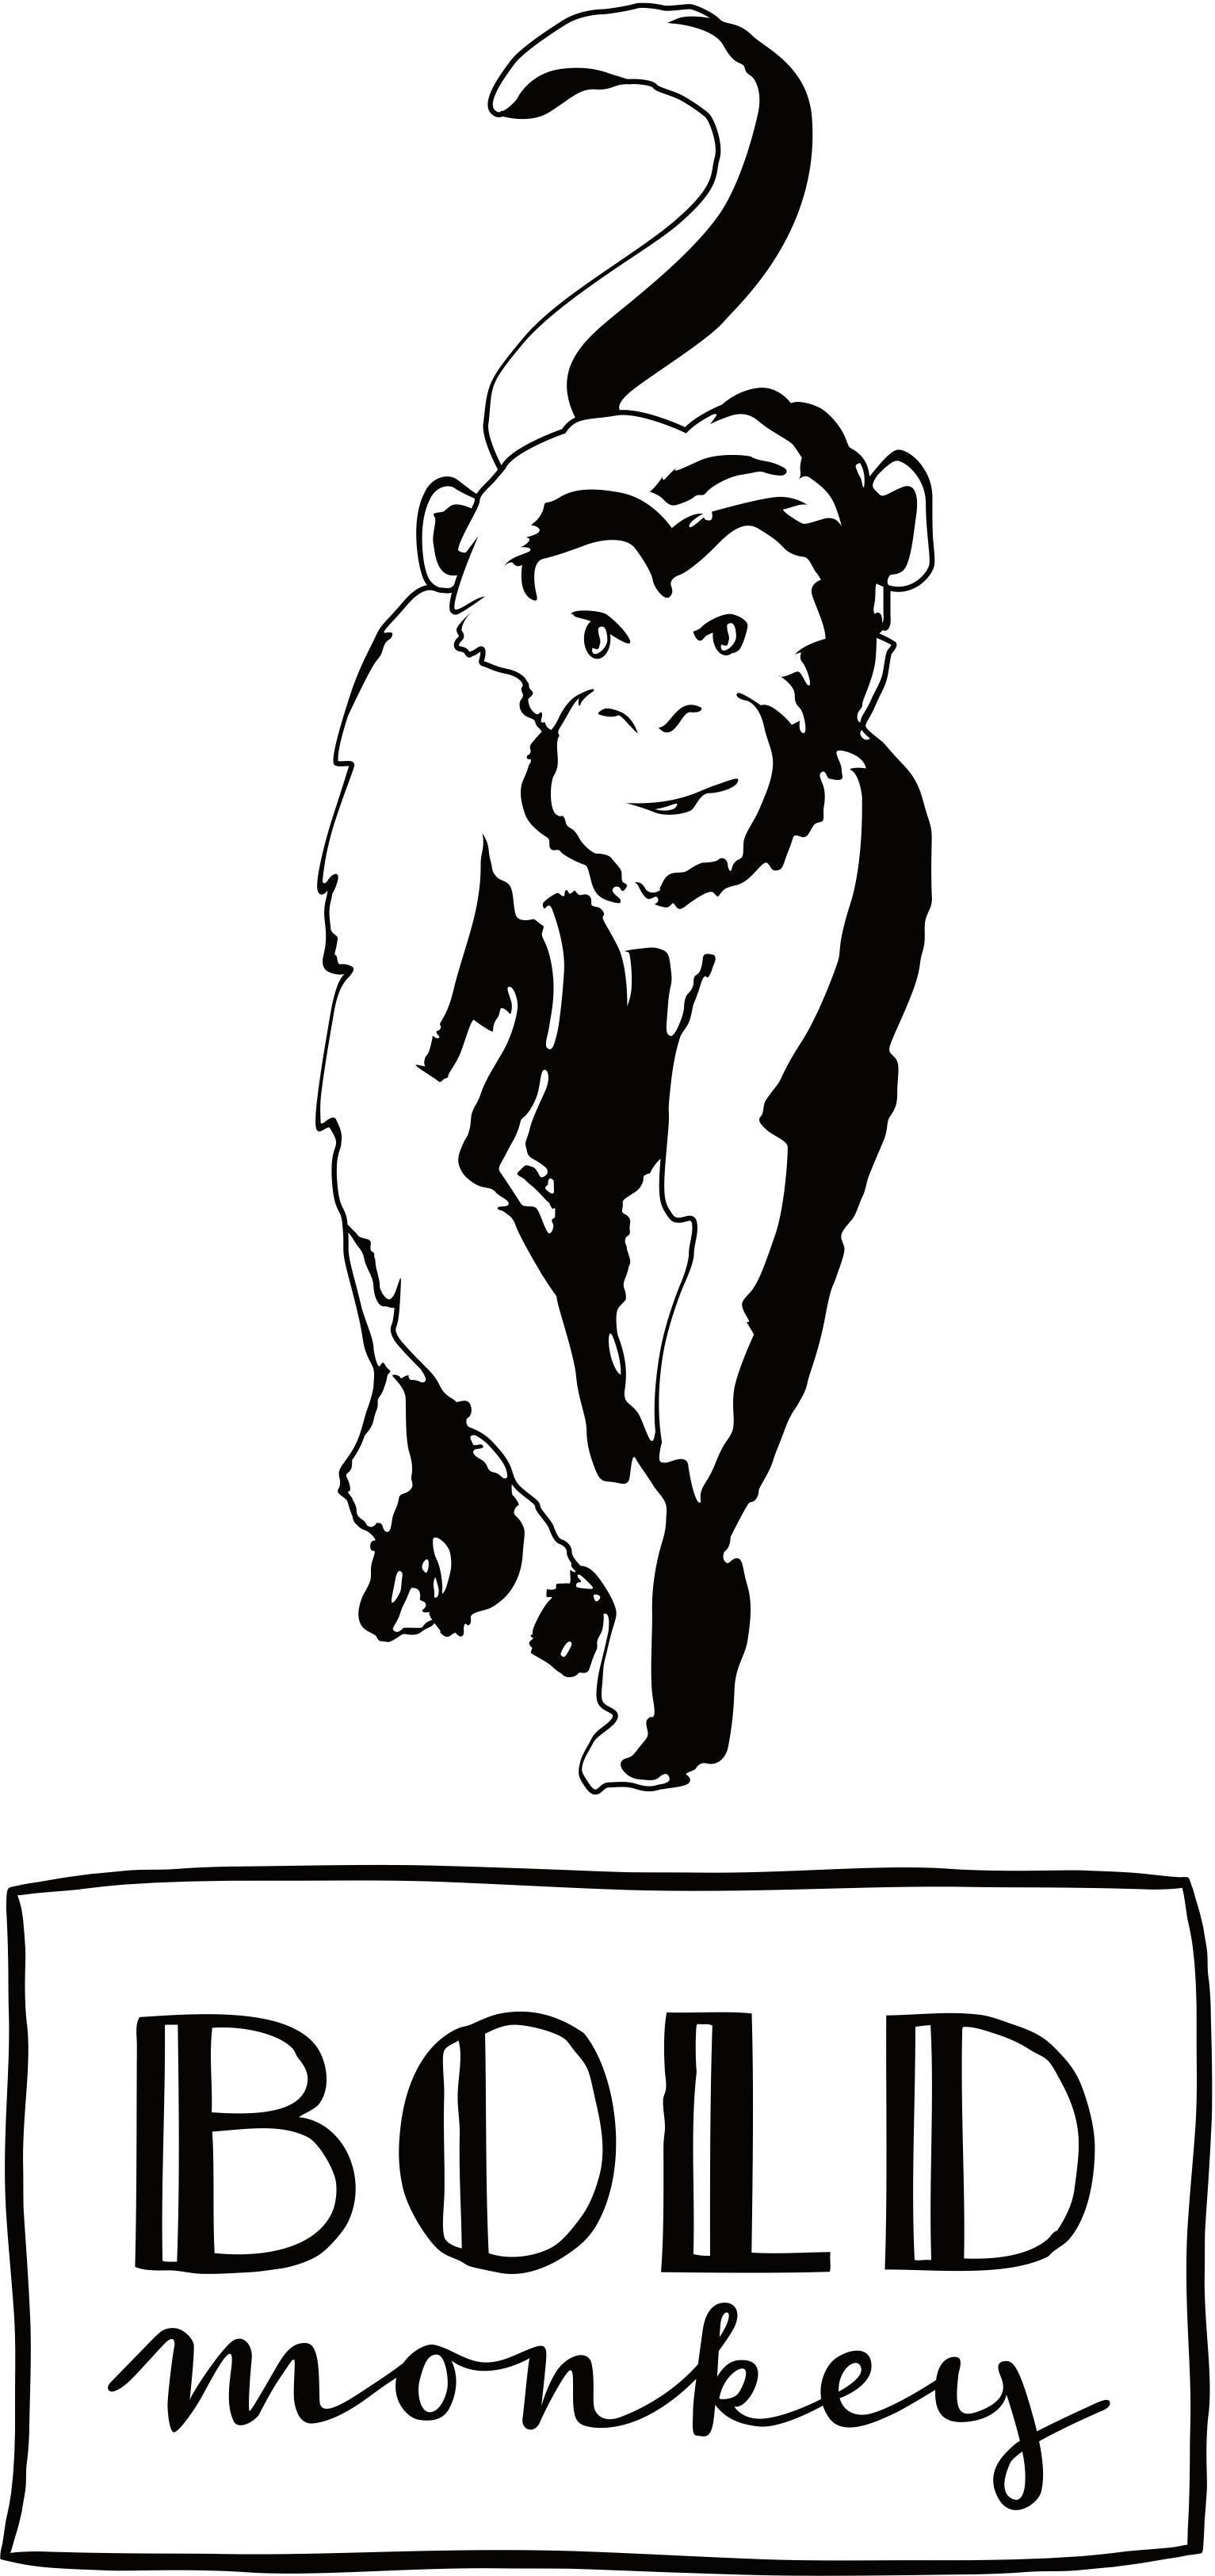 Bold Monkey Leader Of The Fanclub side table velvet glass